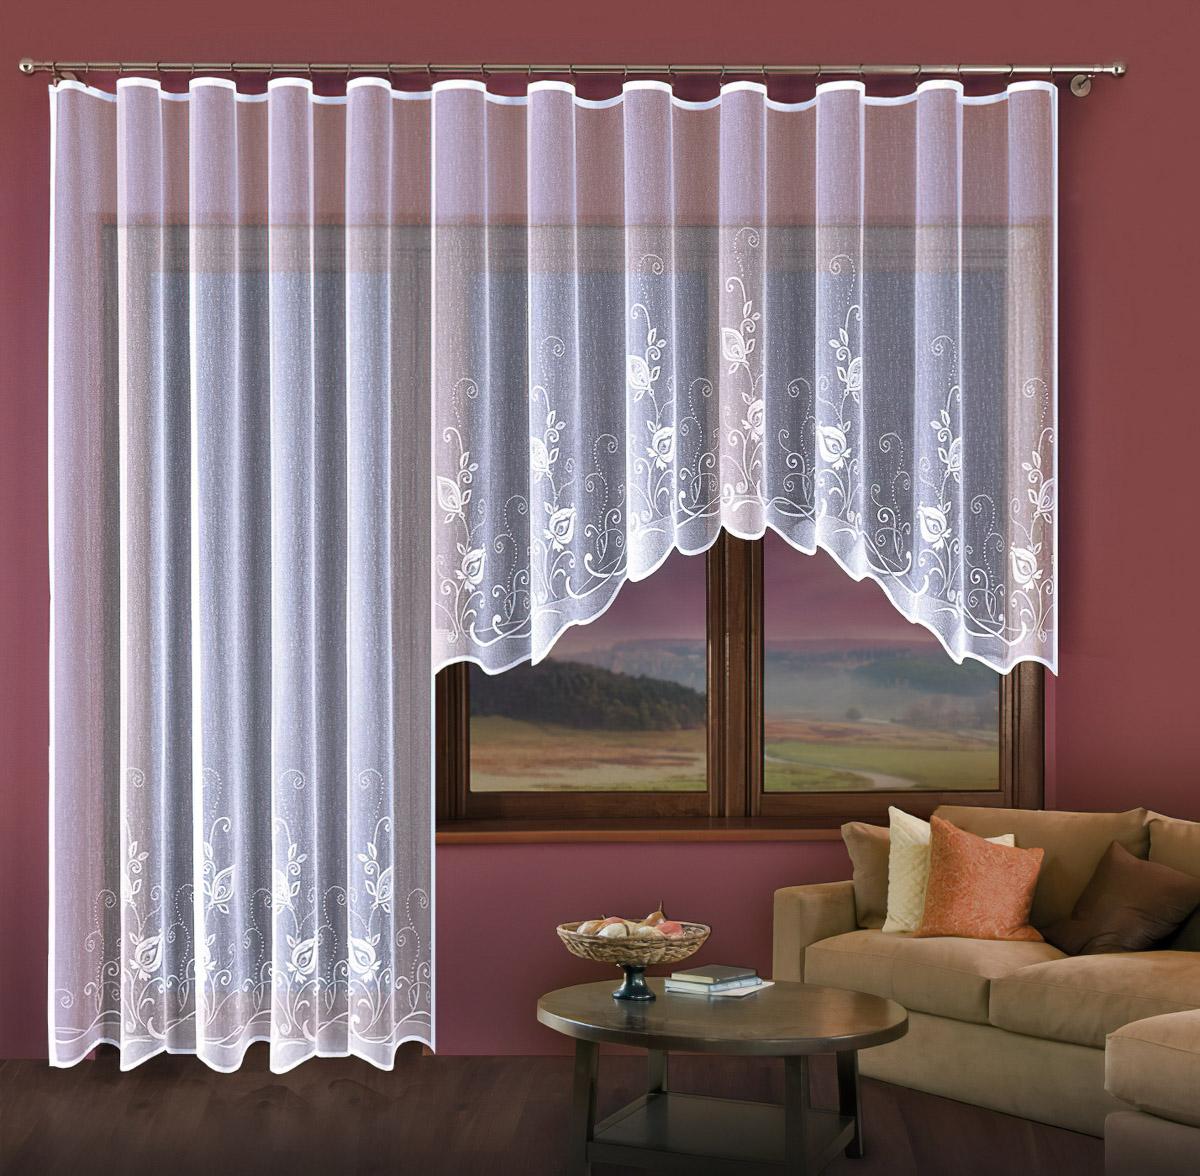 Forbyt Kusová záclona PATRICIE jednobarevná bílá, výška 150 cm x šířka 300 cm + výška 250 cm x šířka 200 cm (balkonový set)